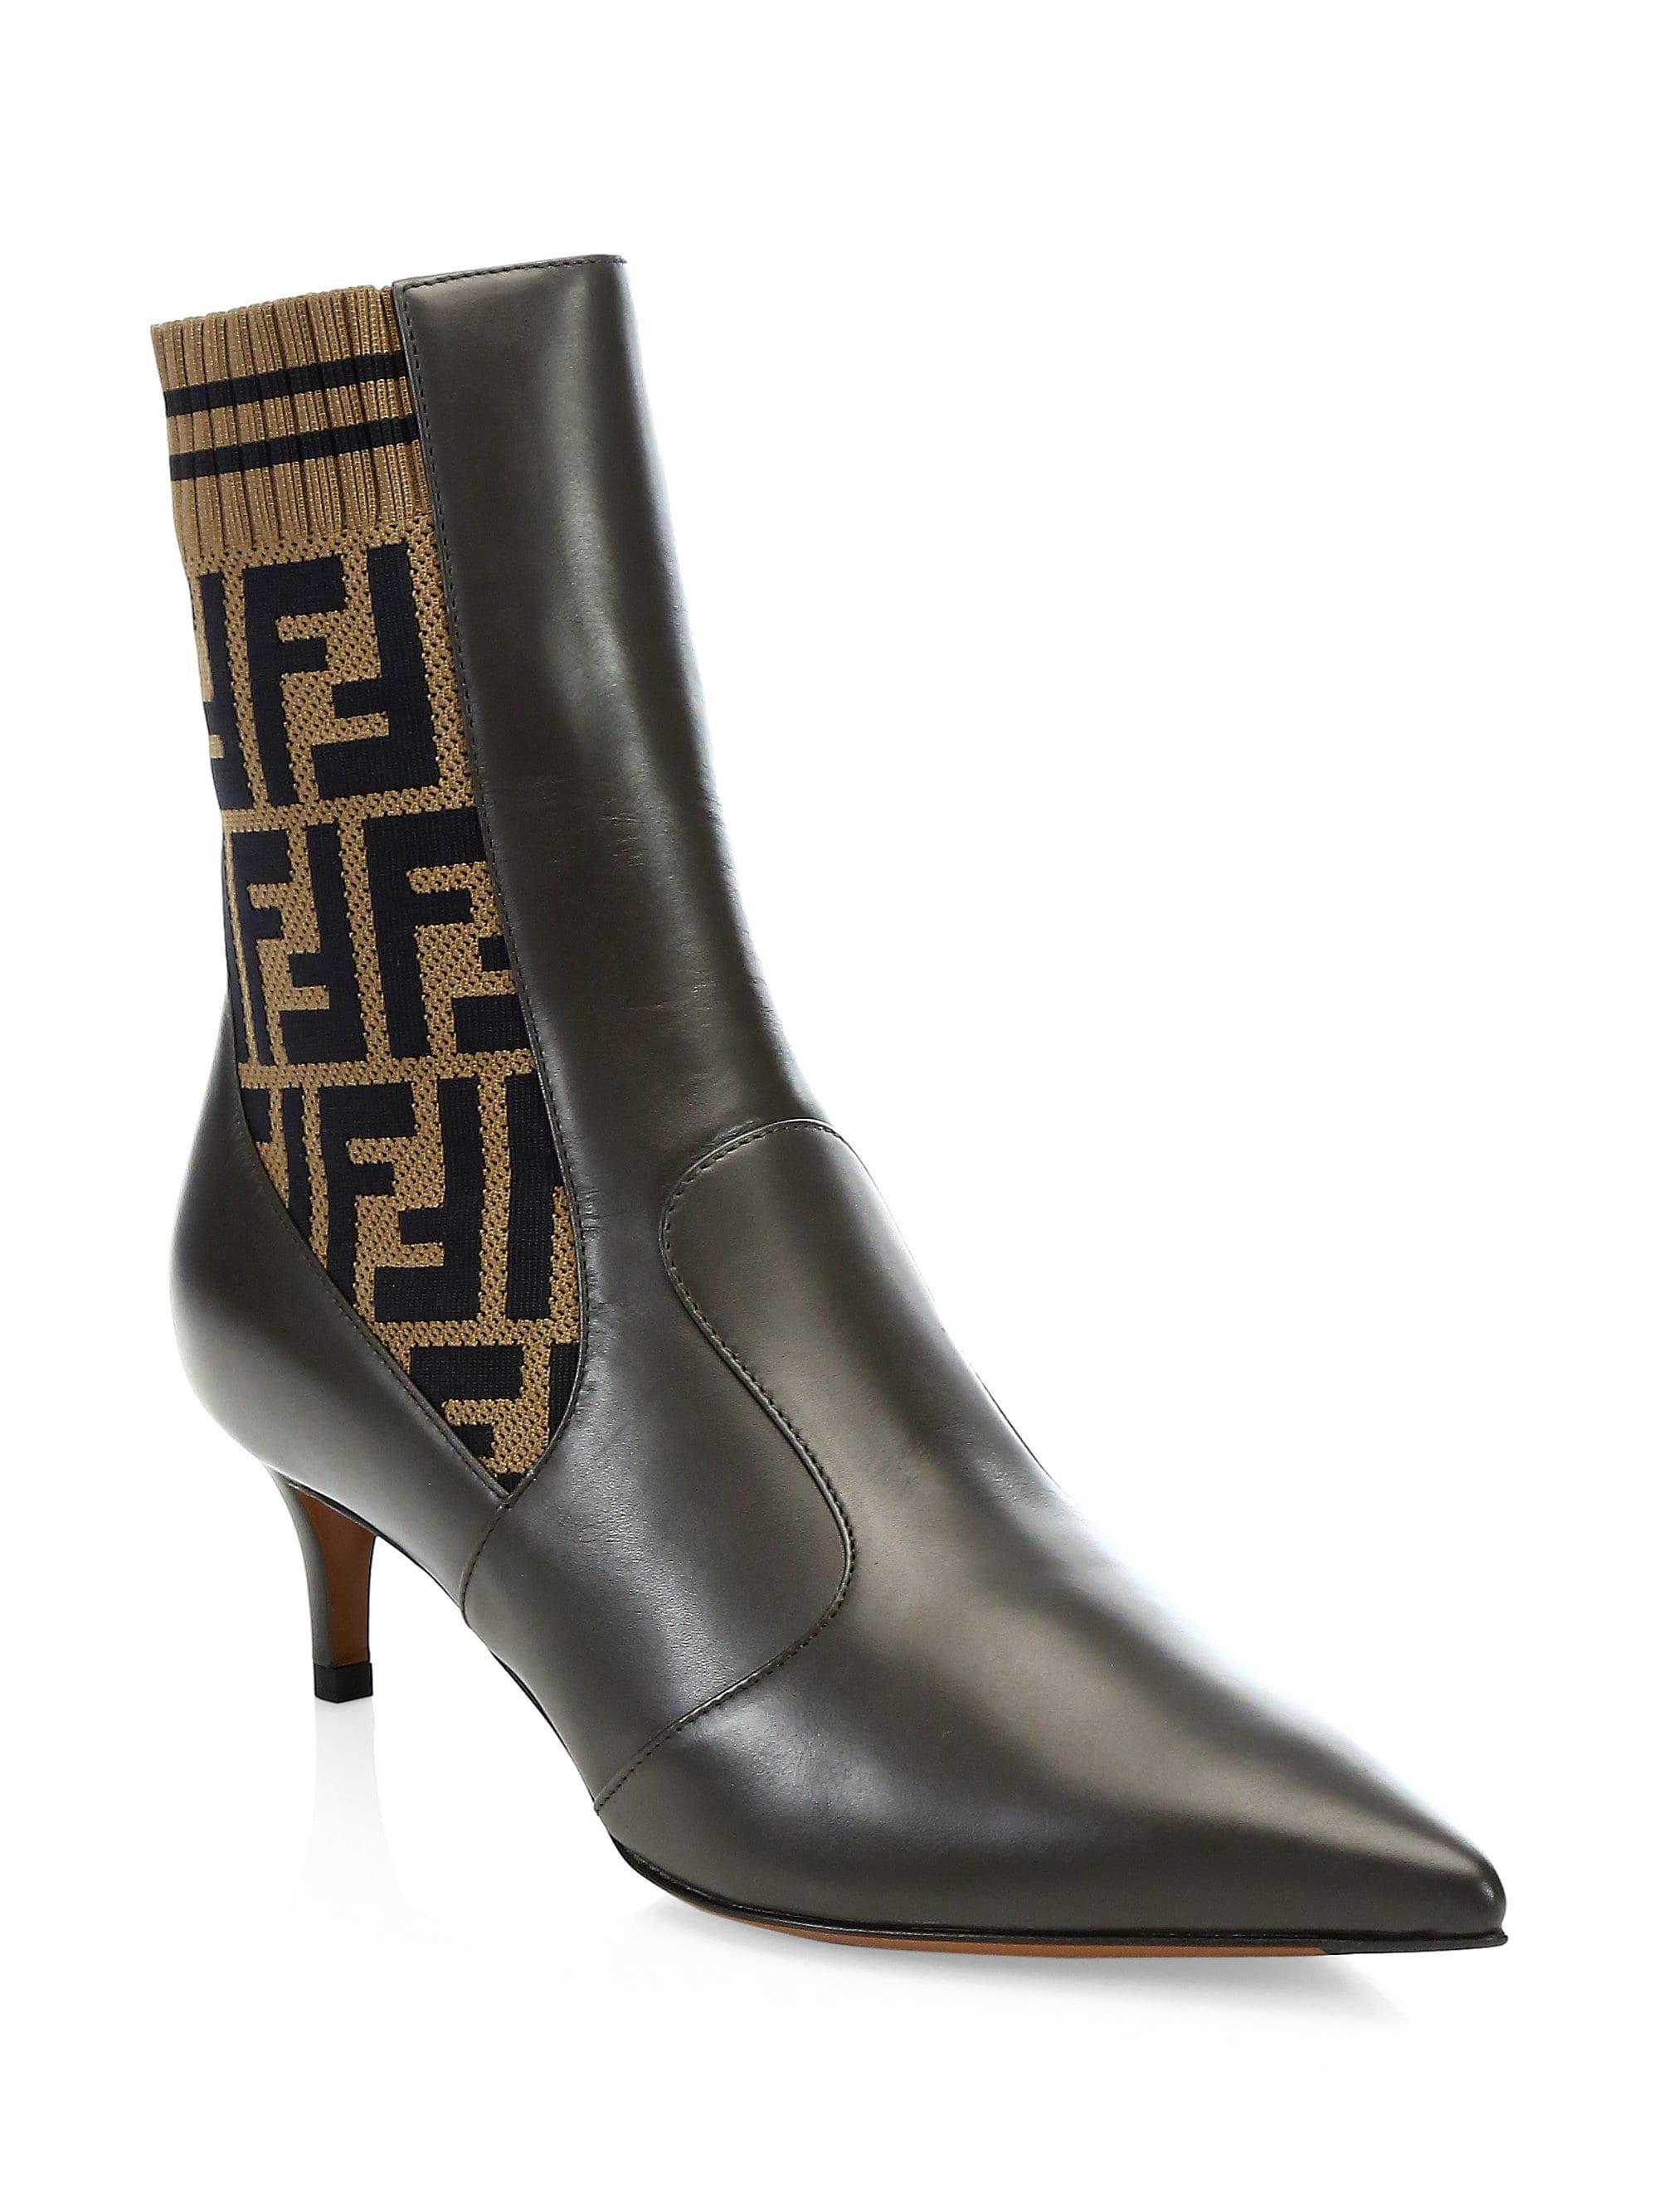 Fendi Kitten Heel Leather \u0026 Knit